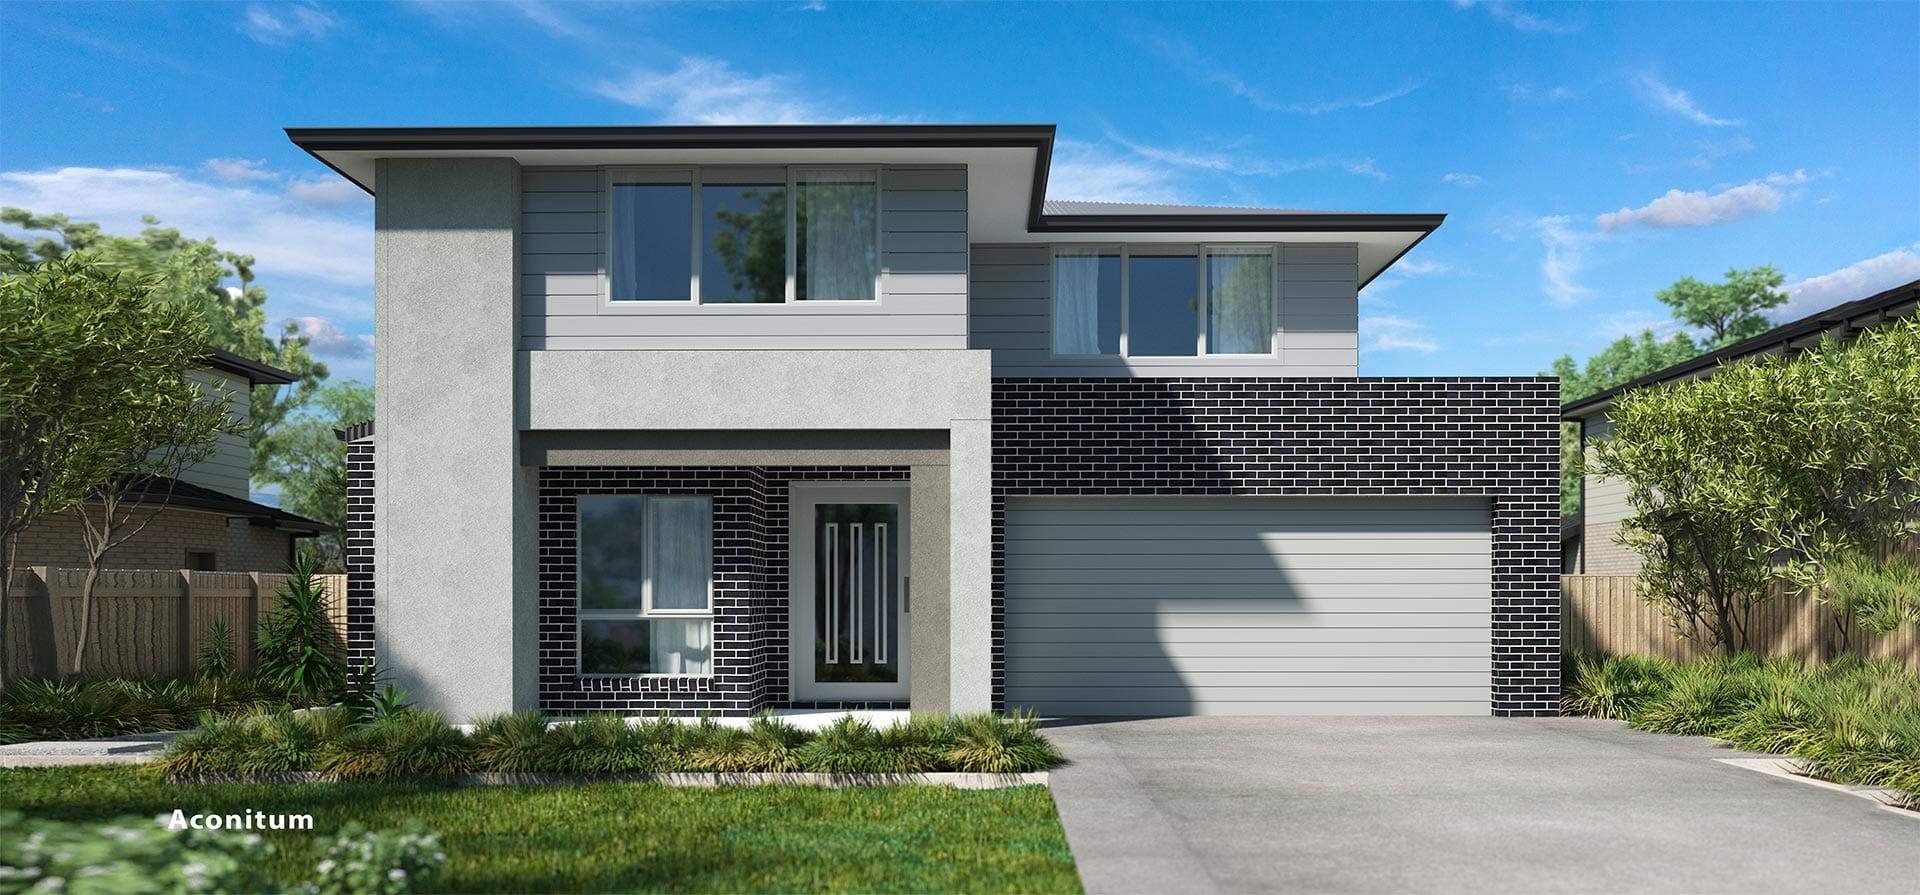 Aconitum Double House Design